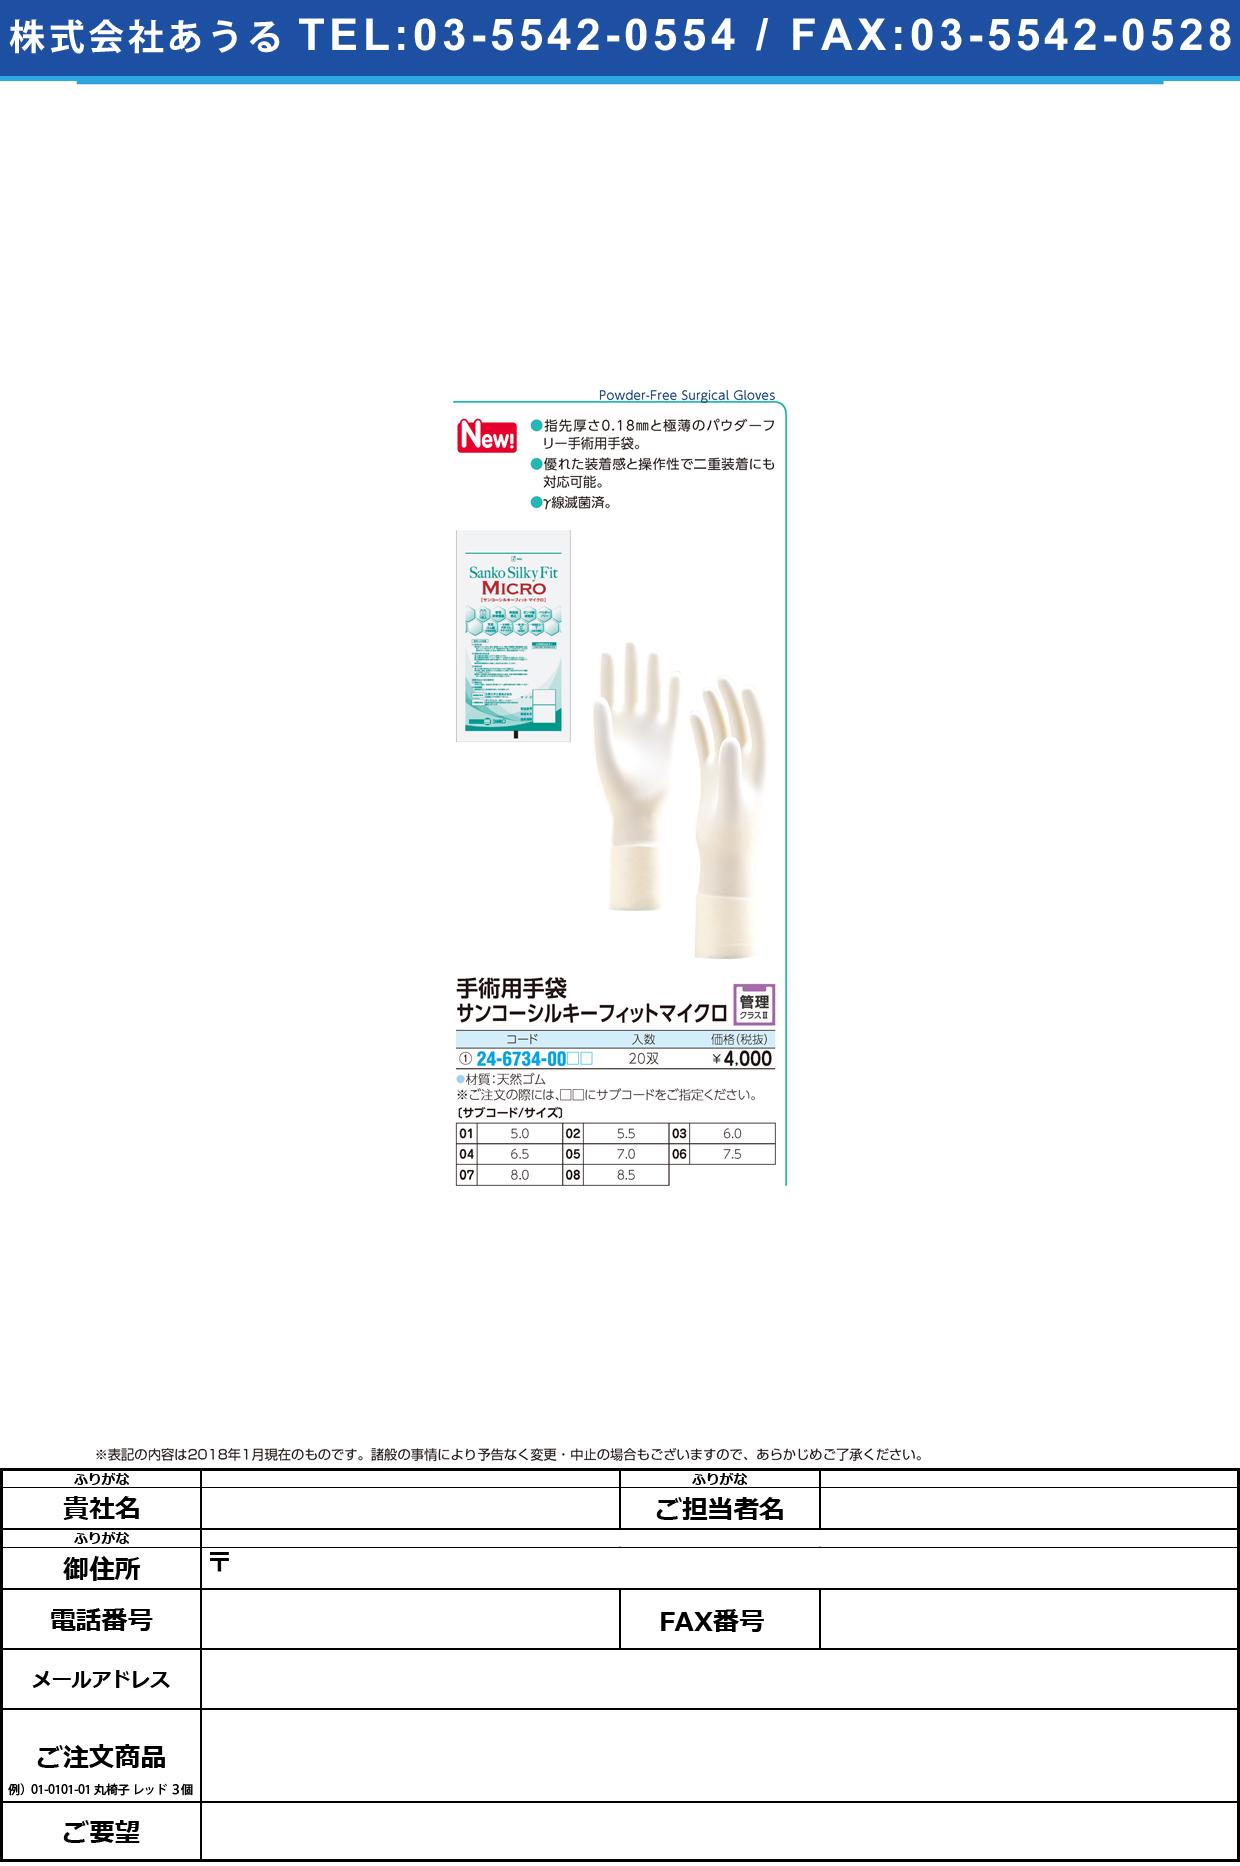 (24-6734-00)サンコーシルキーフィットマイクロ 20ソウイリ サンコーシルキーフィットマイクロ 5.0(三興化学工業)【1箱単位】【2018年カタログ商品】